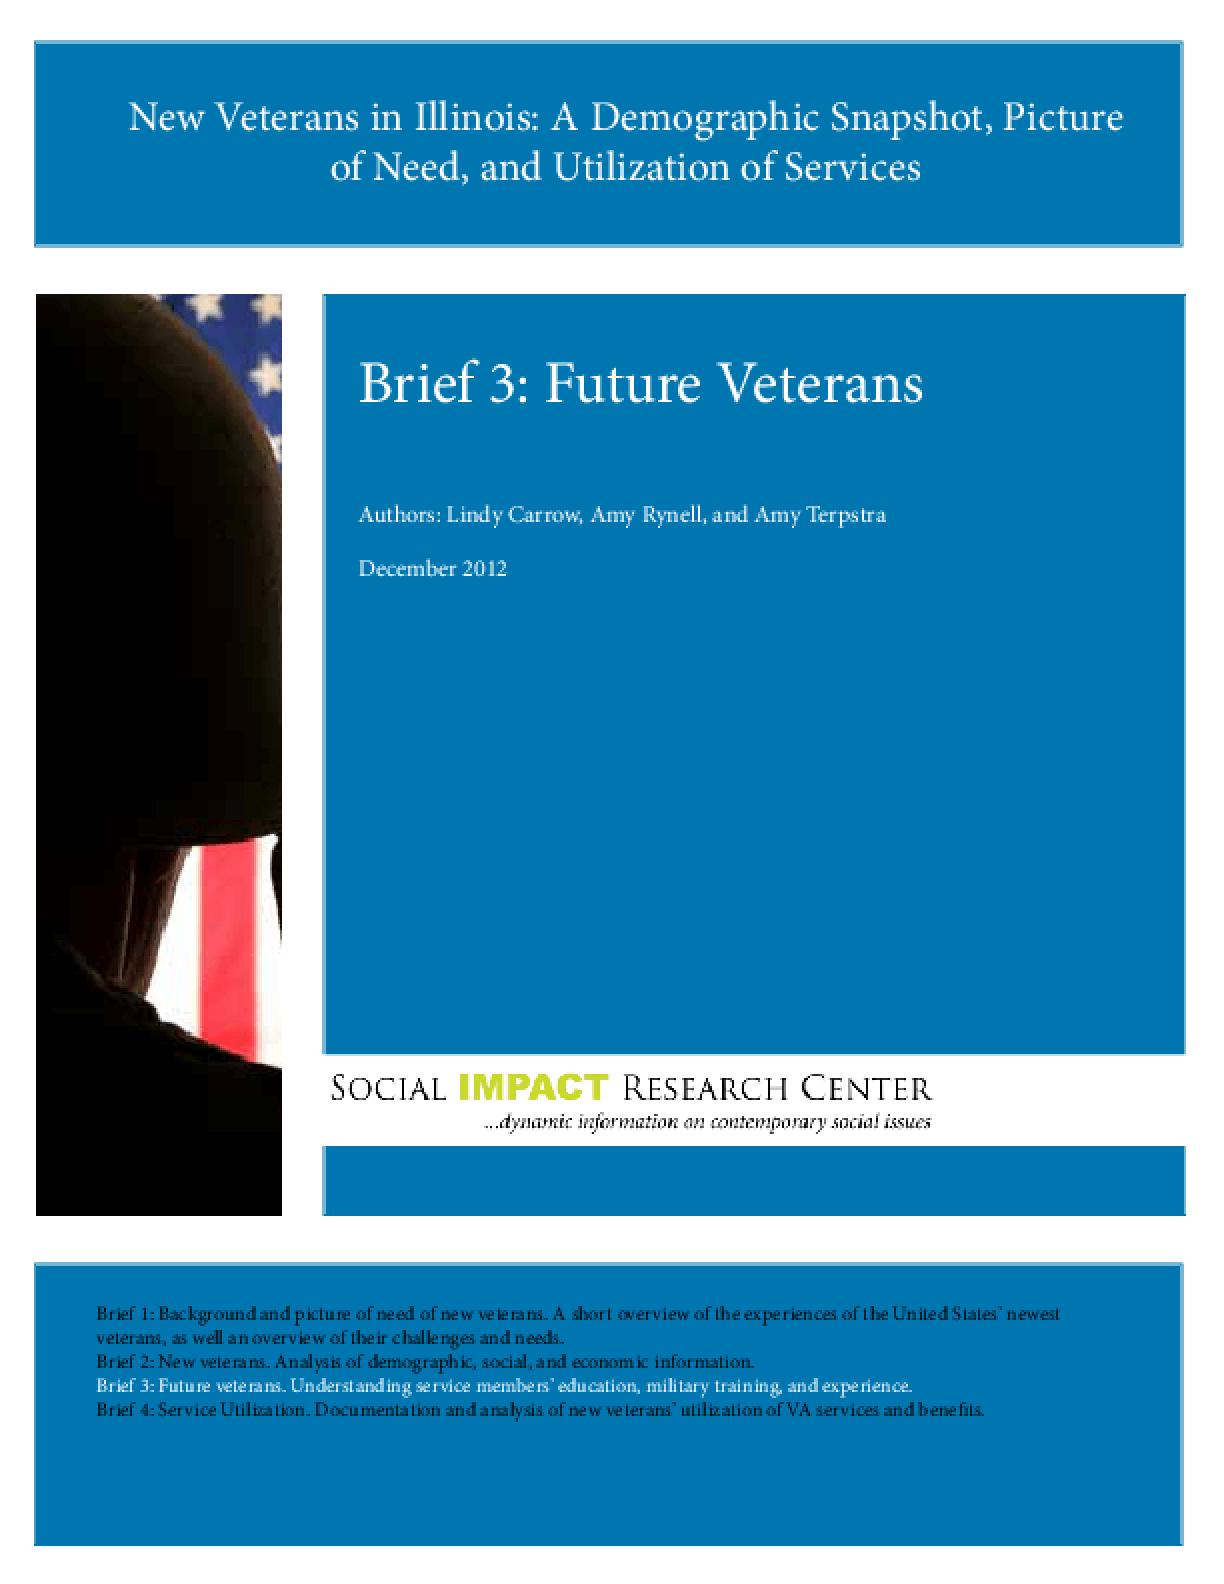 New Veterans in Illinois: Brief 3, Future Veterans